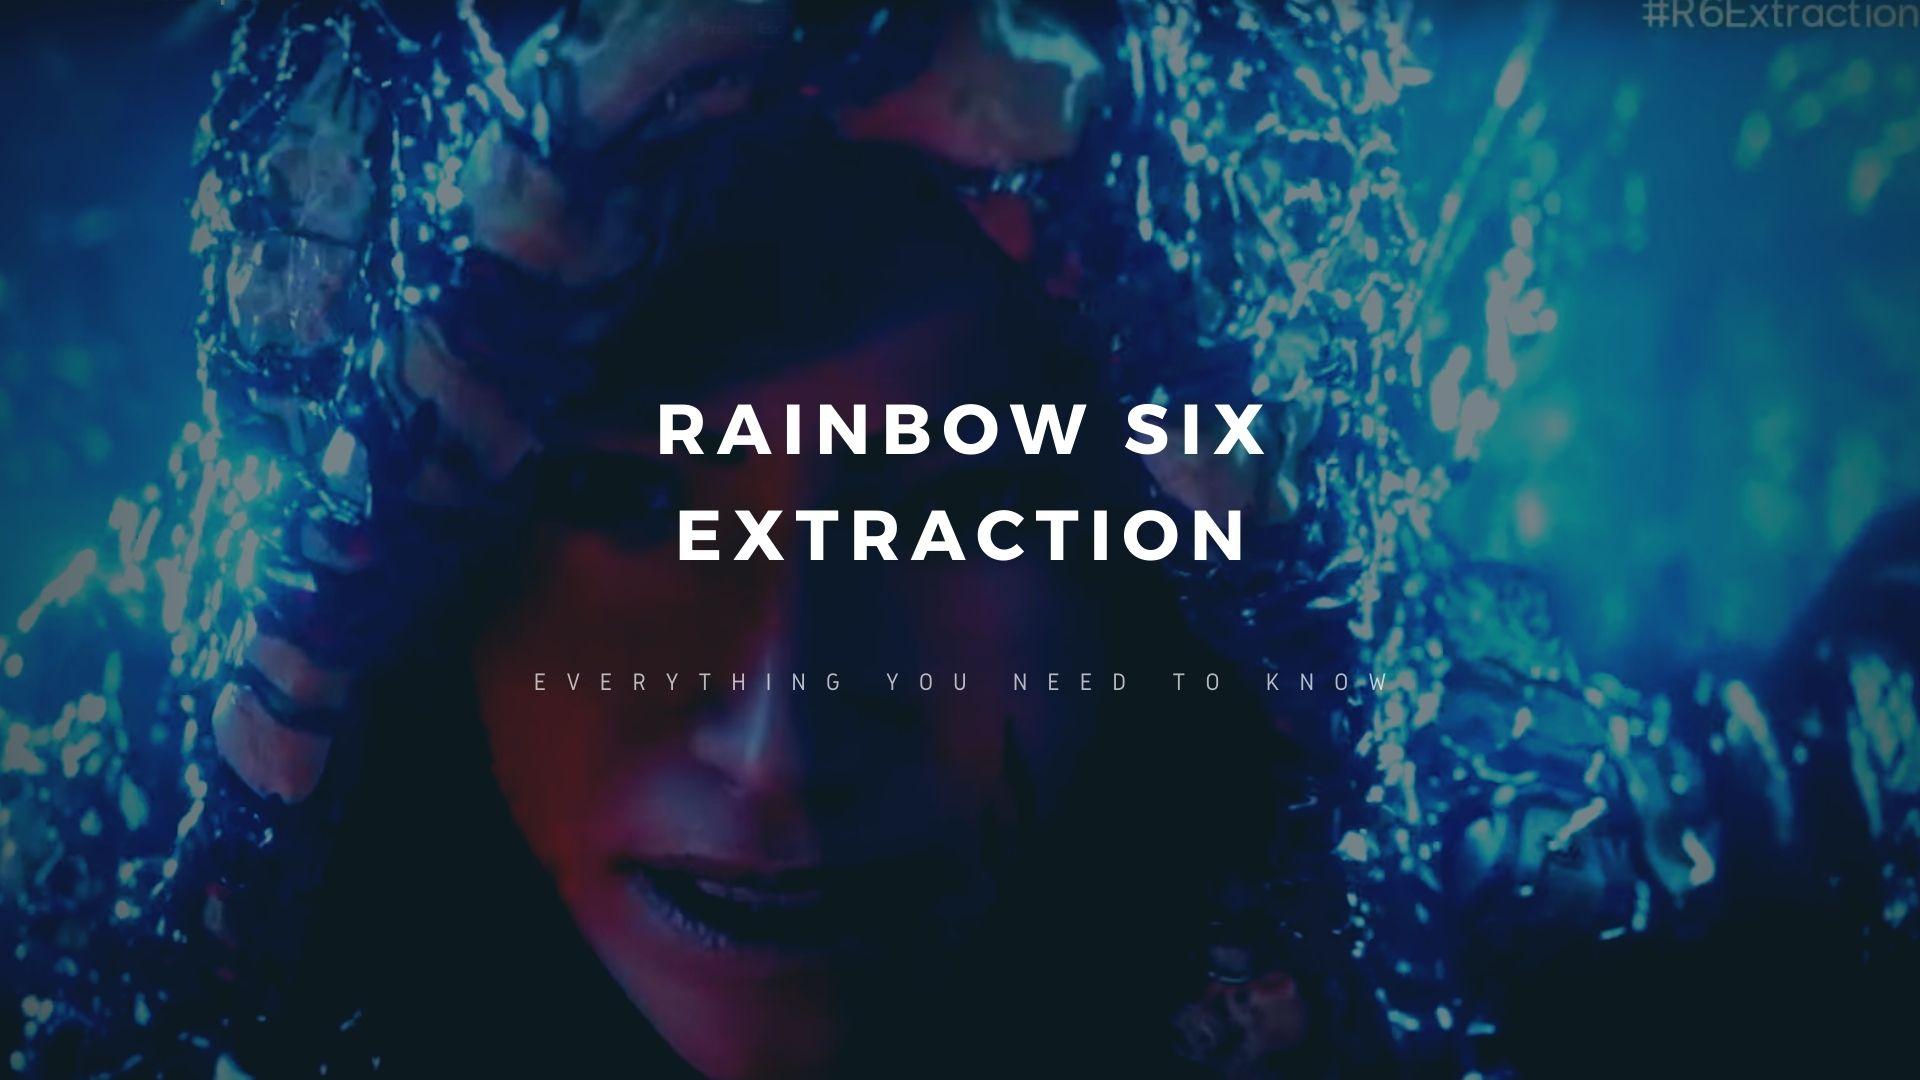 Ubisoft Forward showcases Rainbow Six Extraction at E3 2021